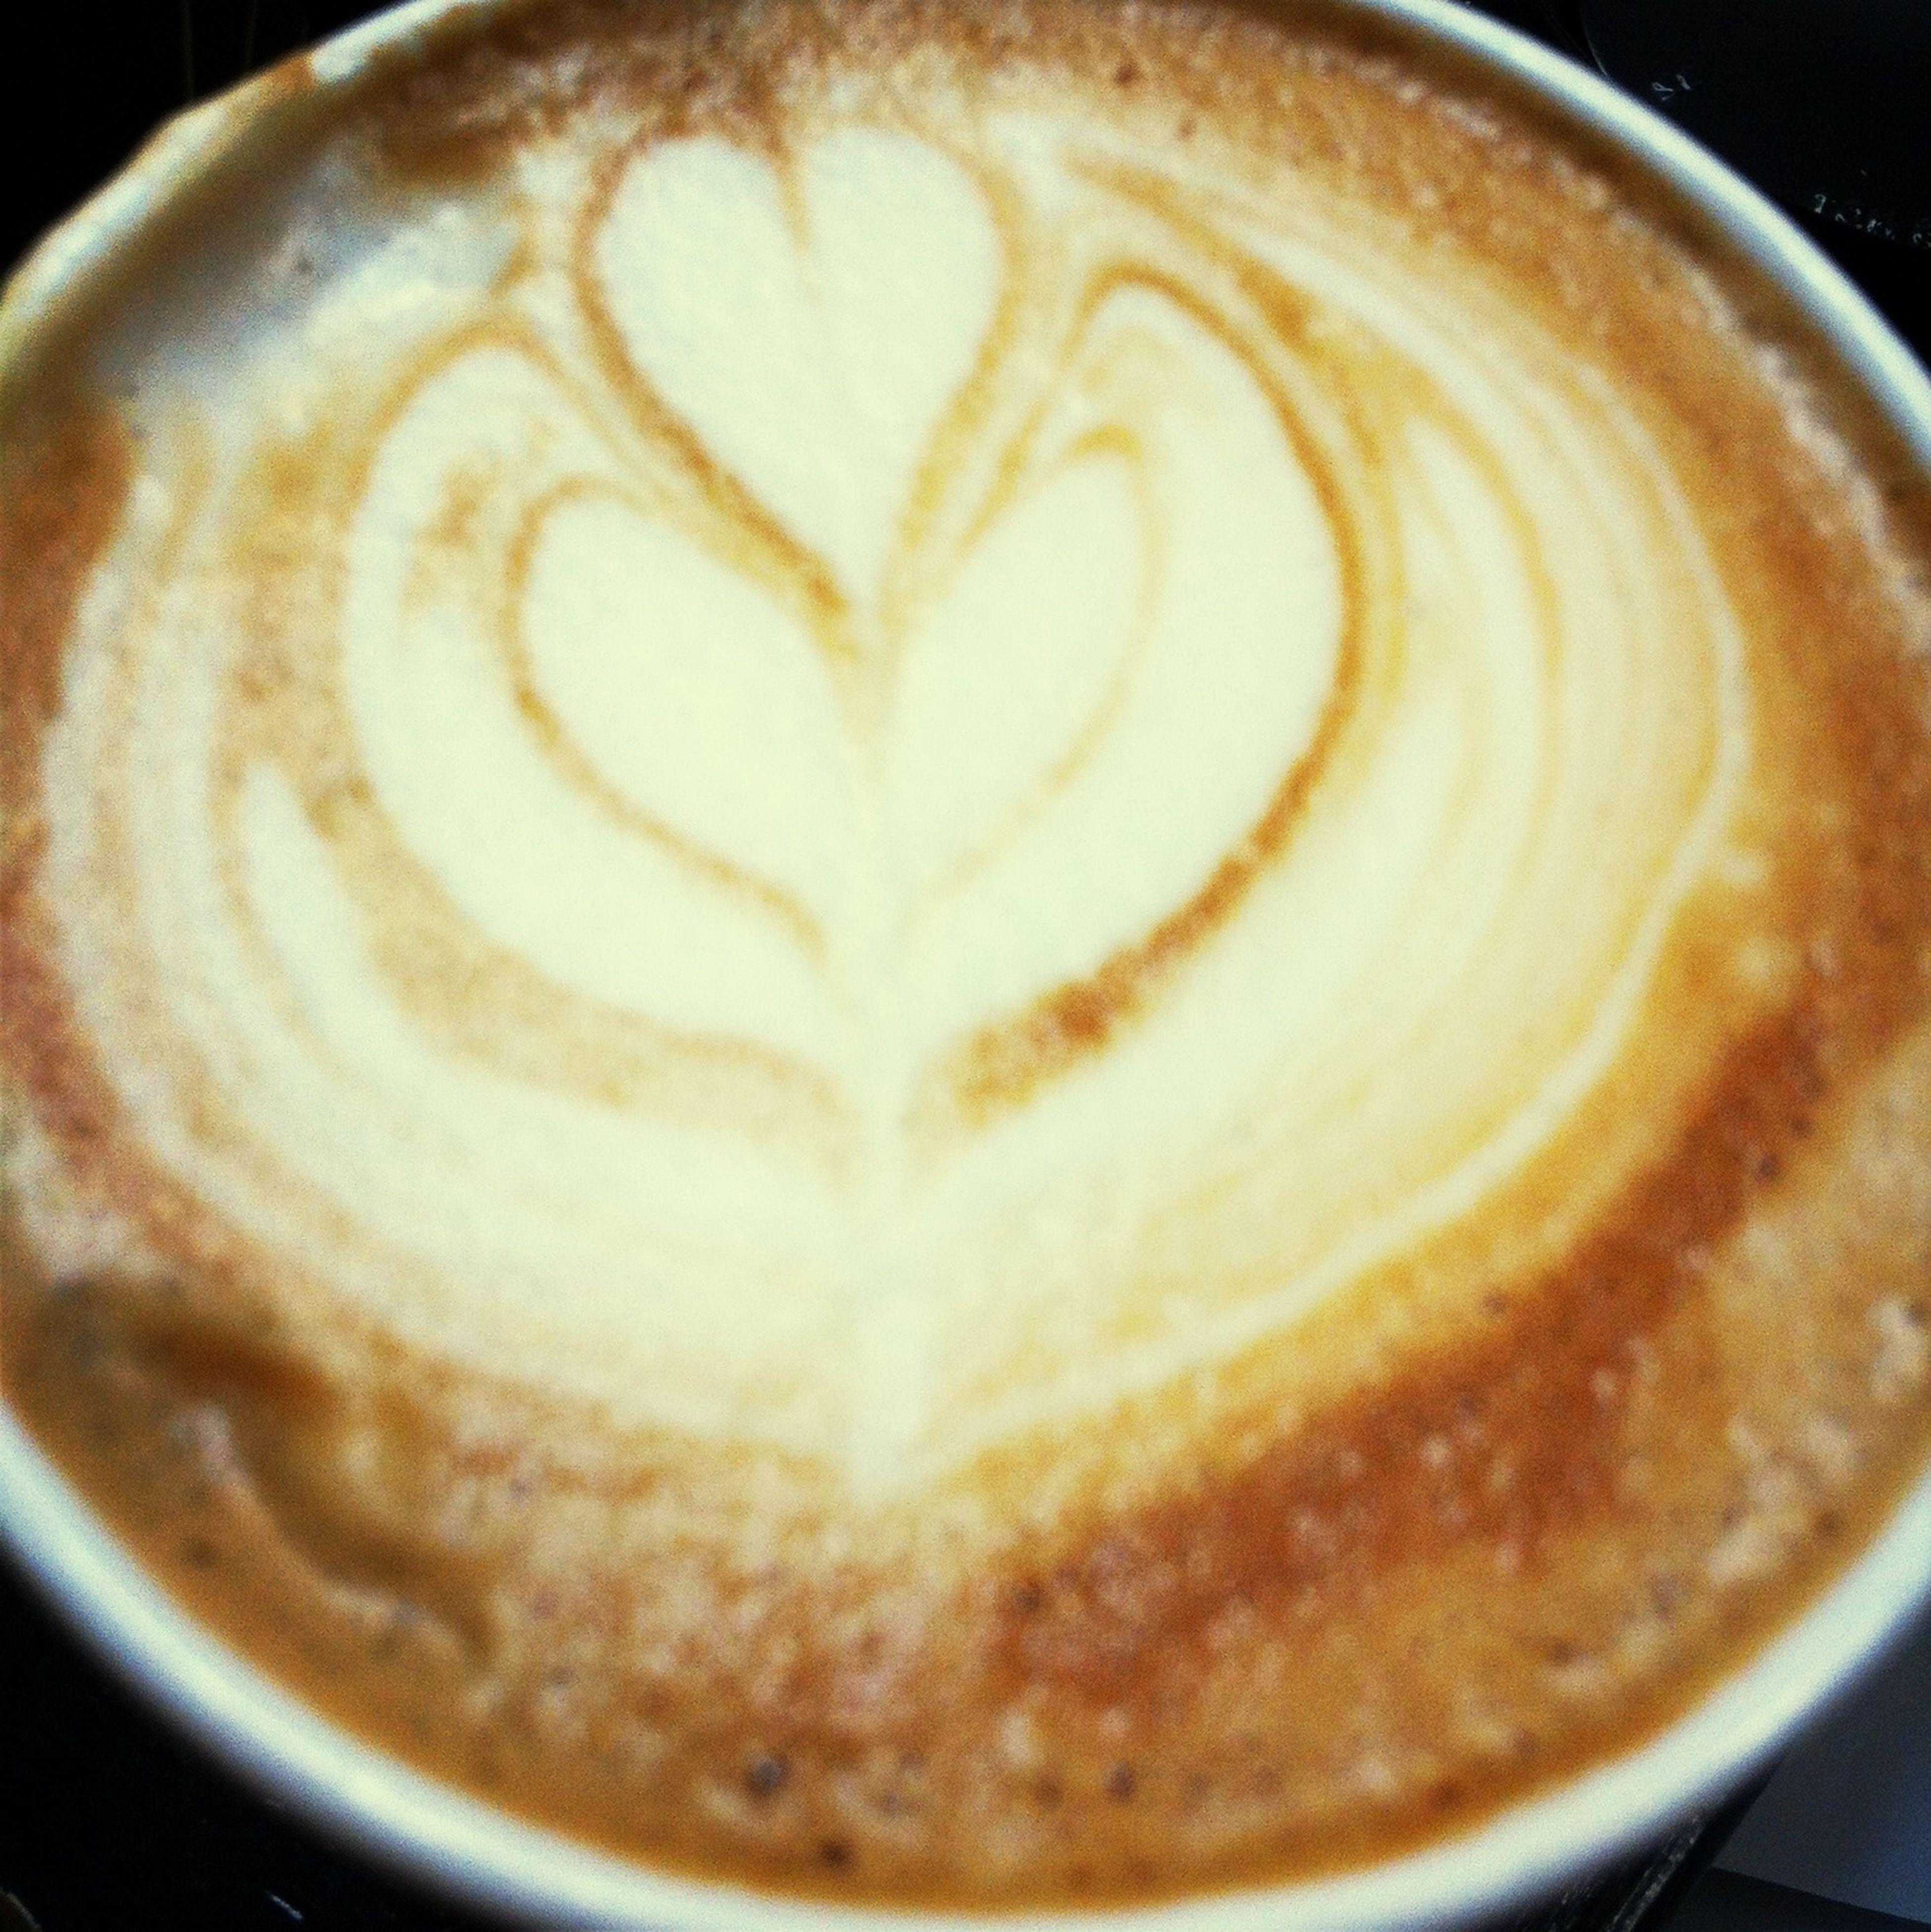 Yumm! Coffee Cafe Americano Espresso